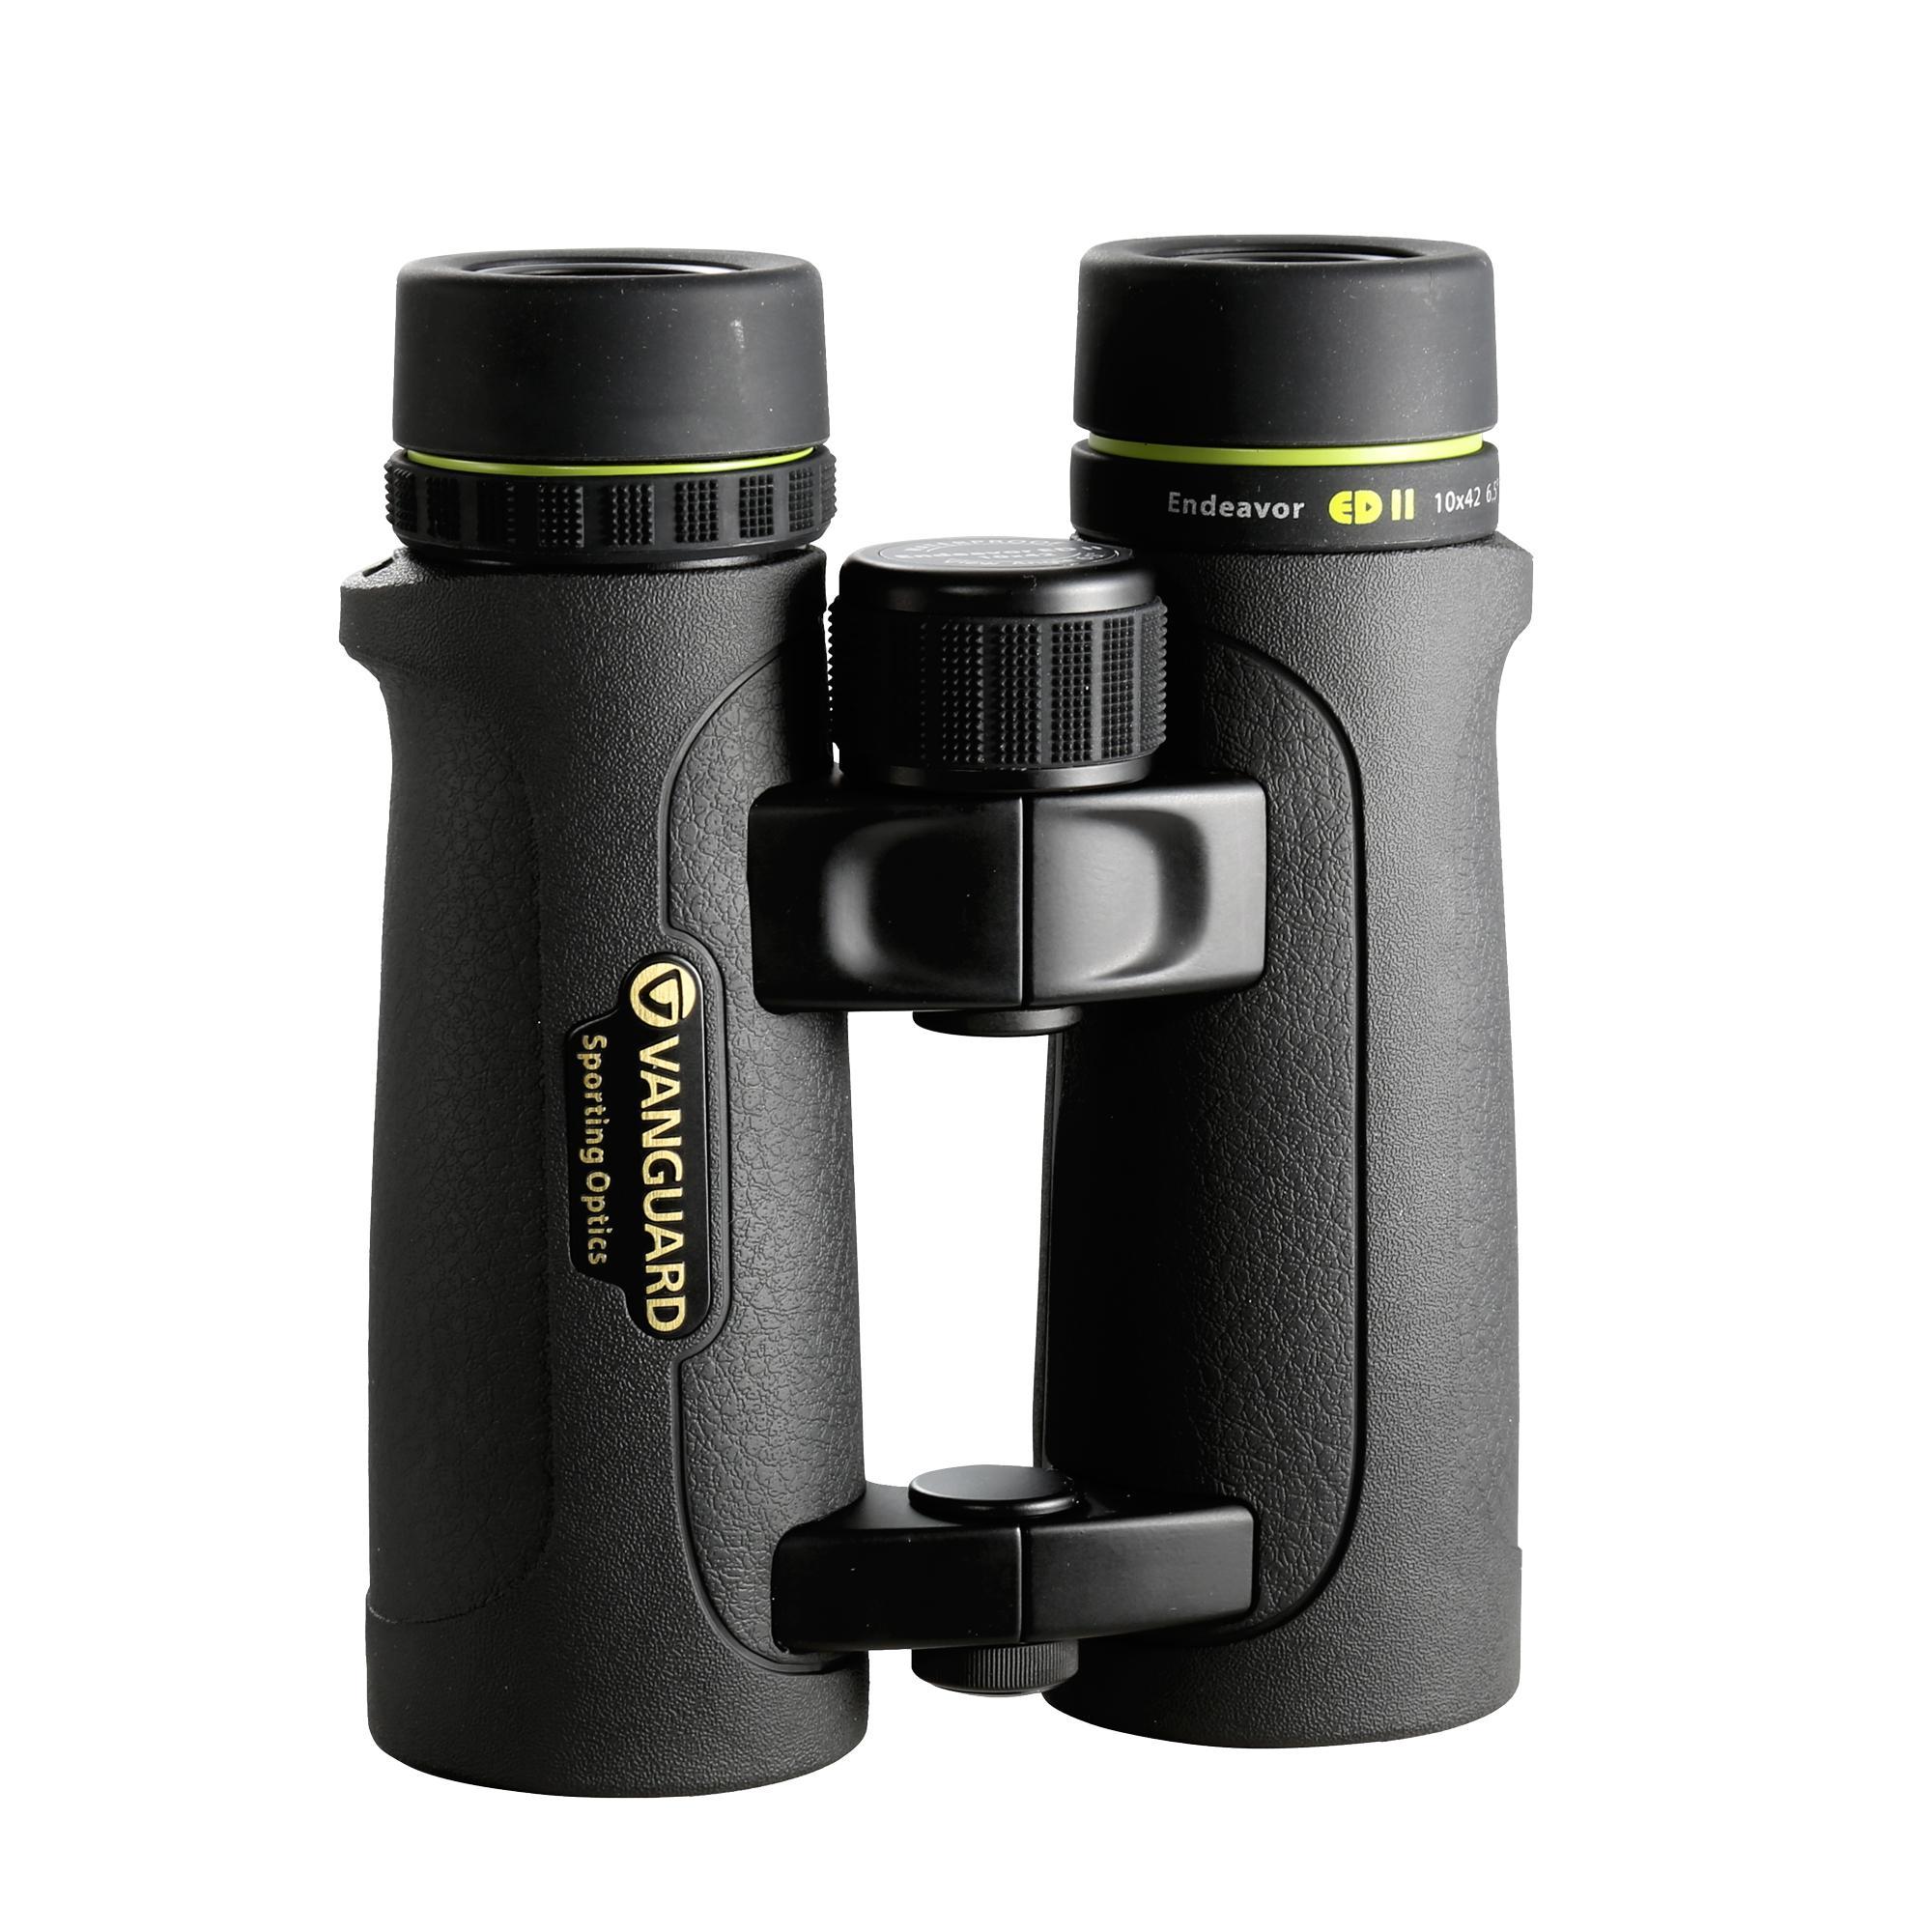 Vanguard Endeavor ED II 1042 Fernglas, schwarz: Amazon.de